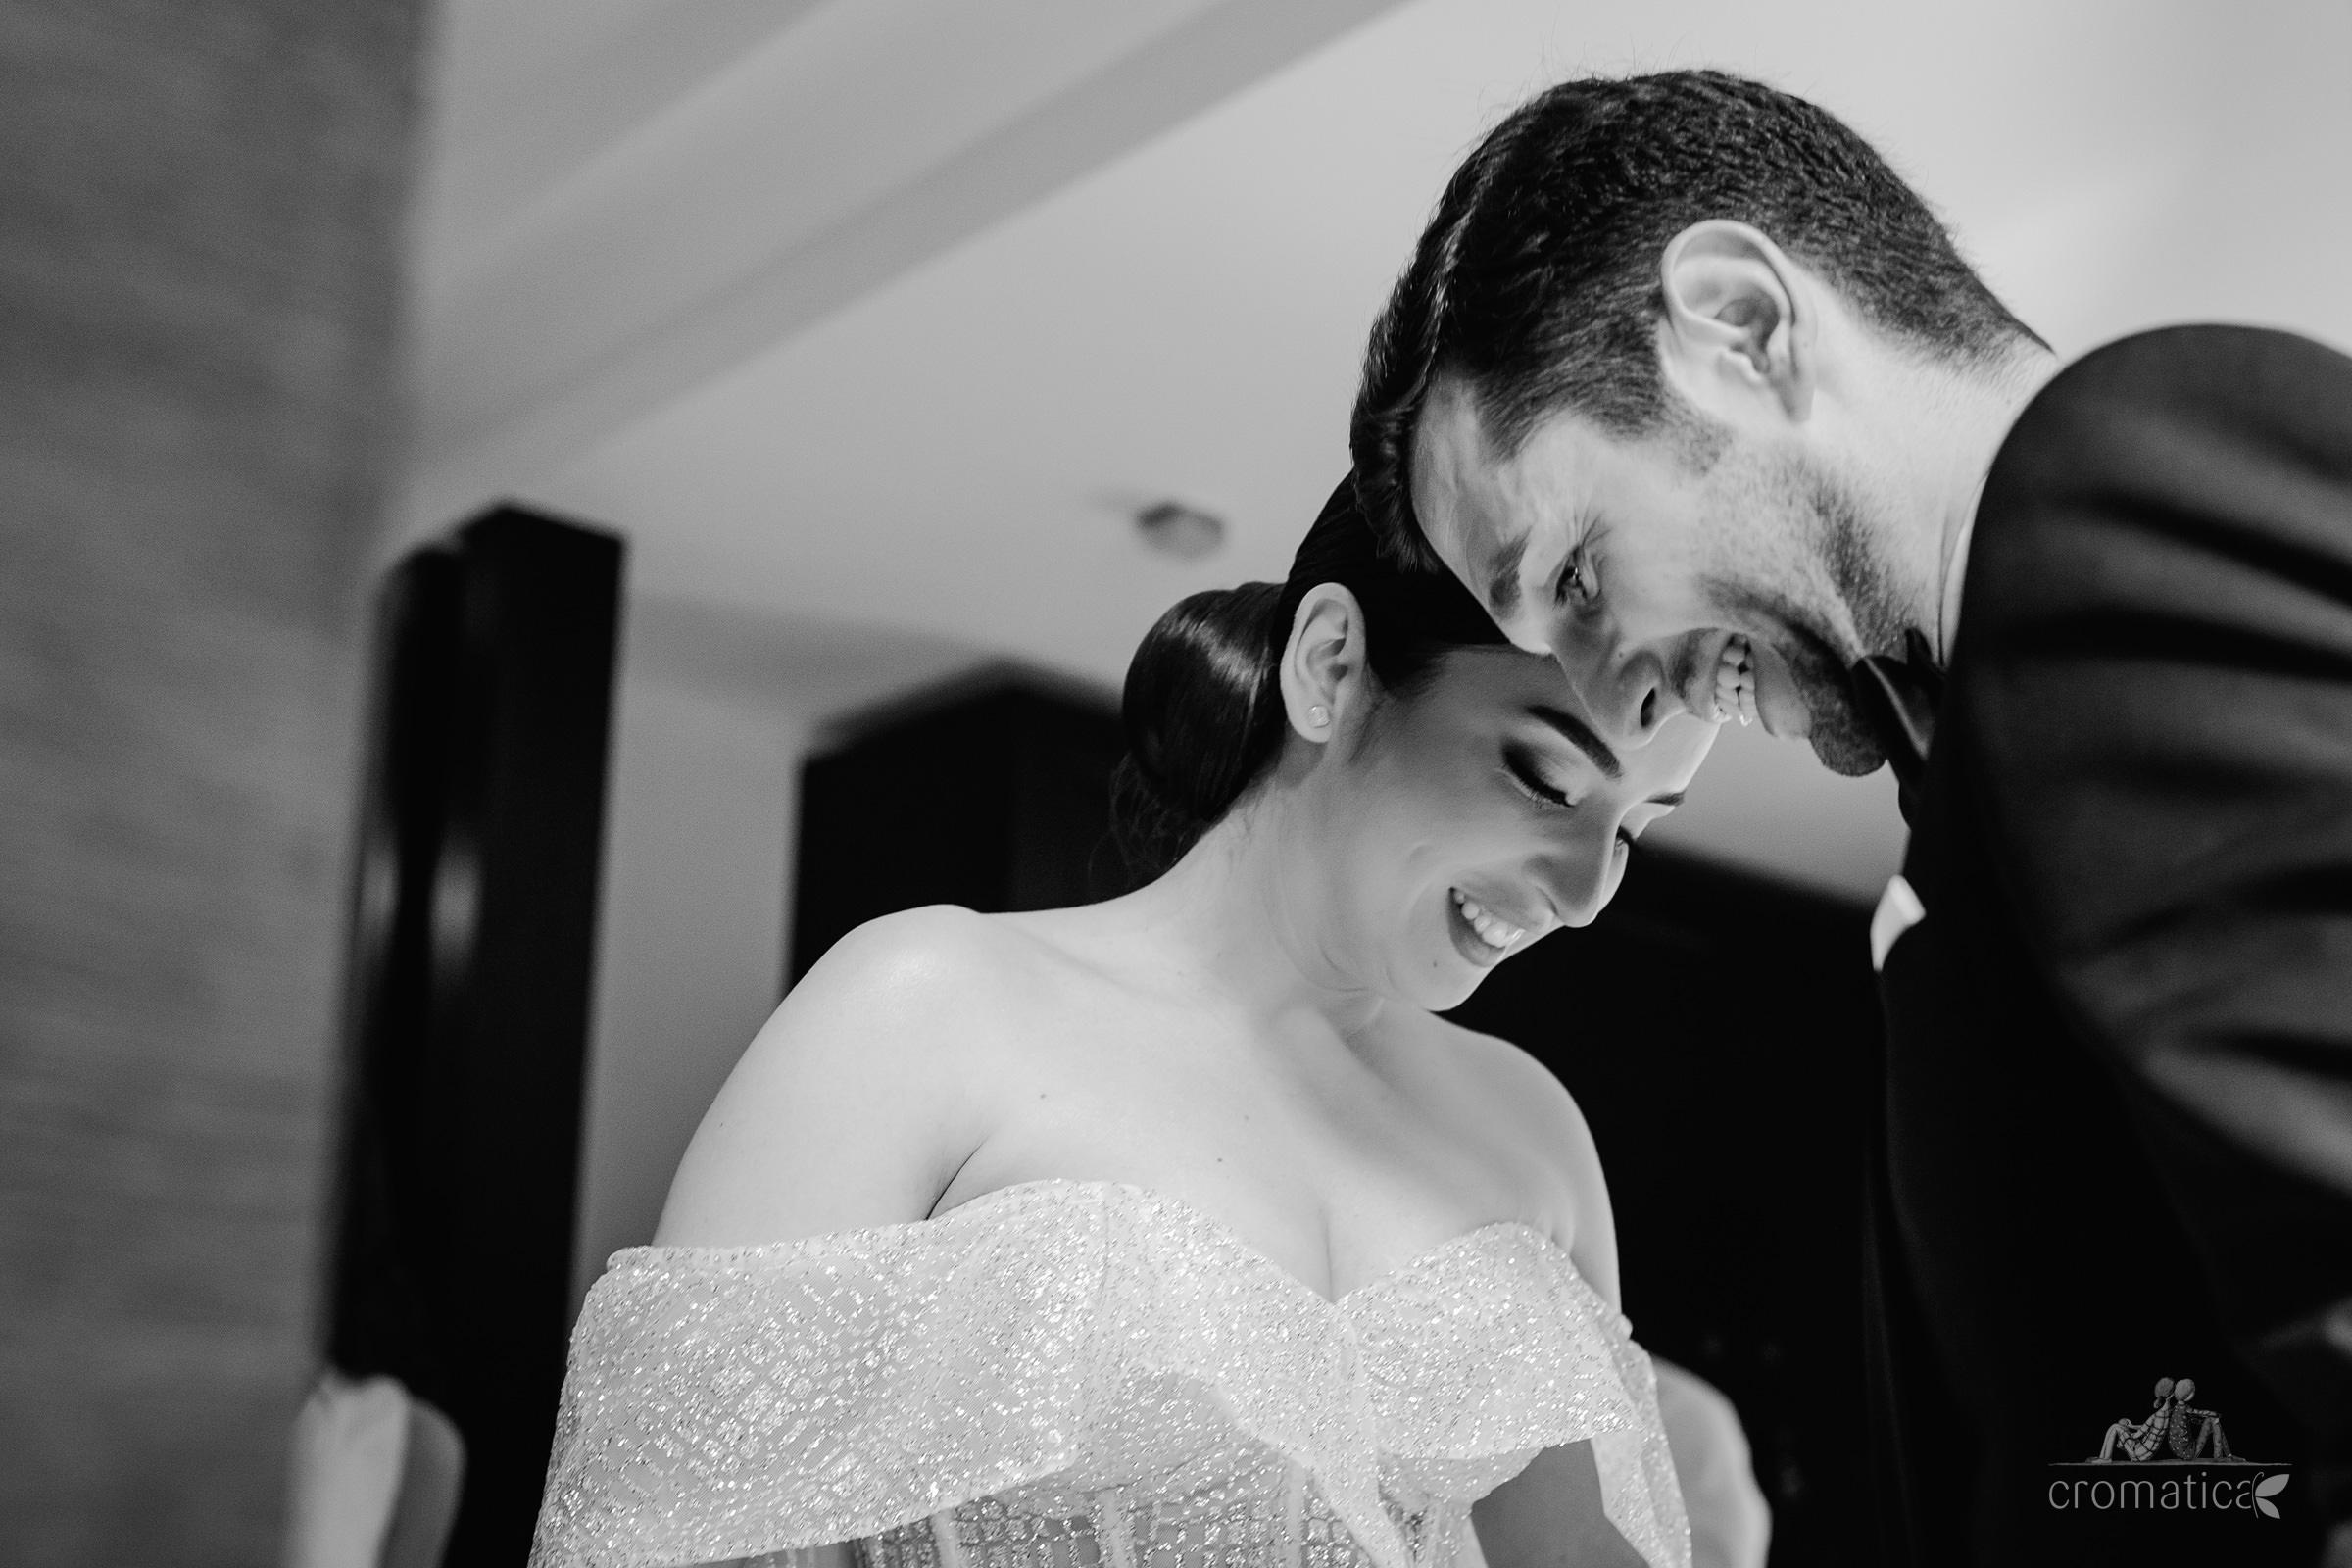 oana alex fotografii nunta rm valcea 012